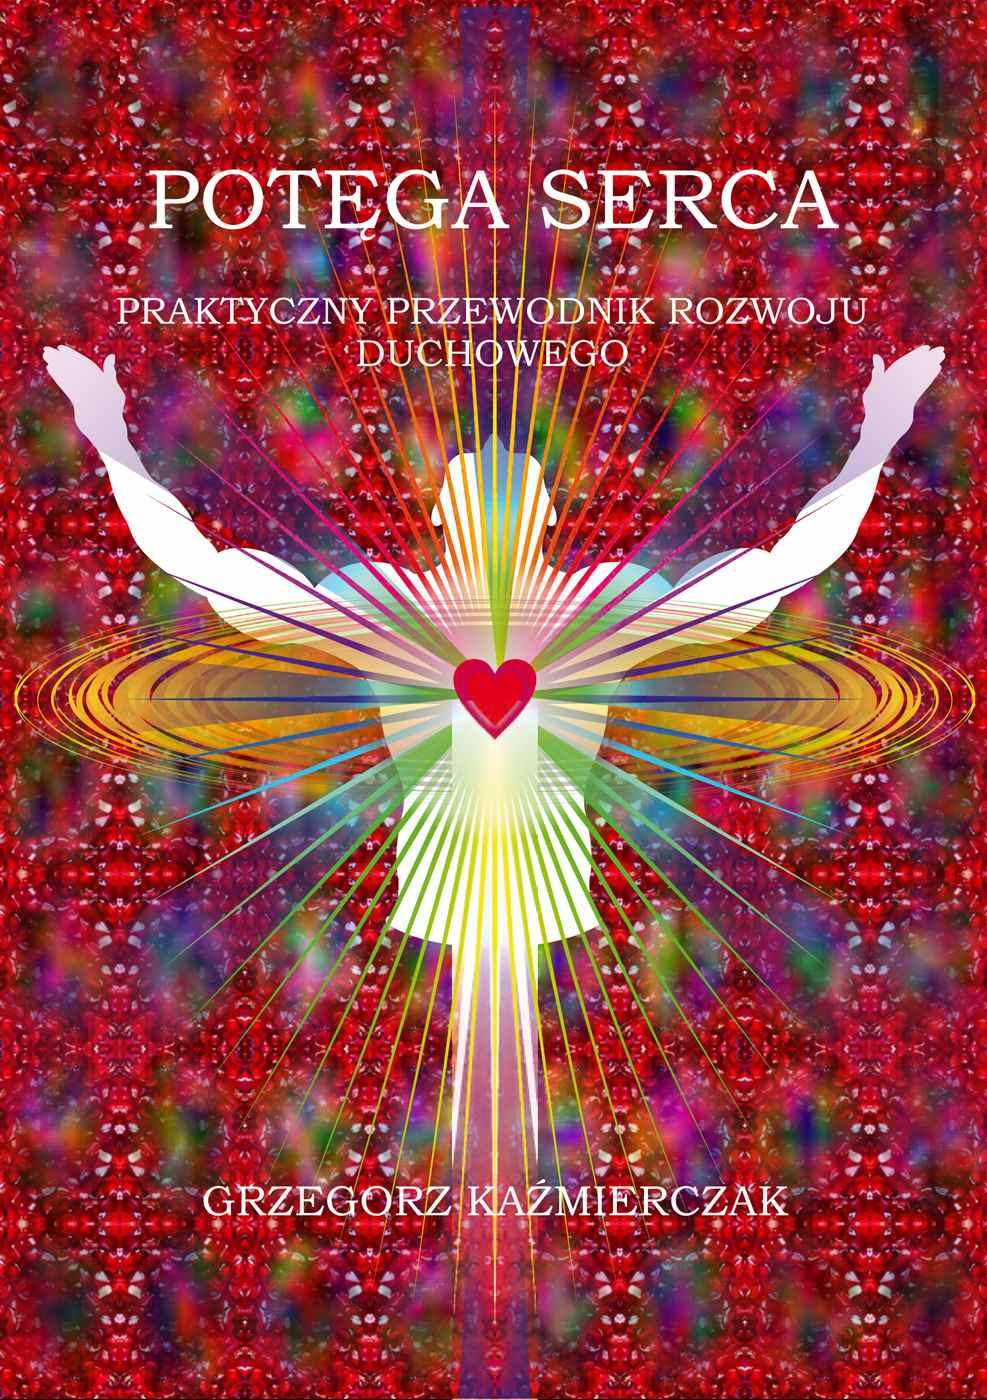 Potęga serca. Praktyczny przewodnik rozwoju duchowego - Ebook (Książka na Kindle) do pobrania w formacie MOBI